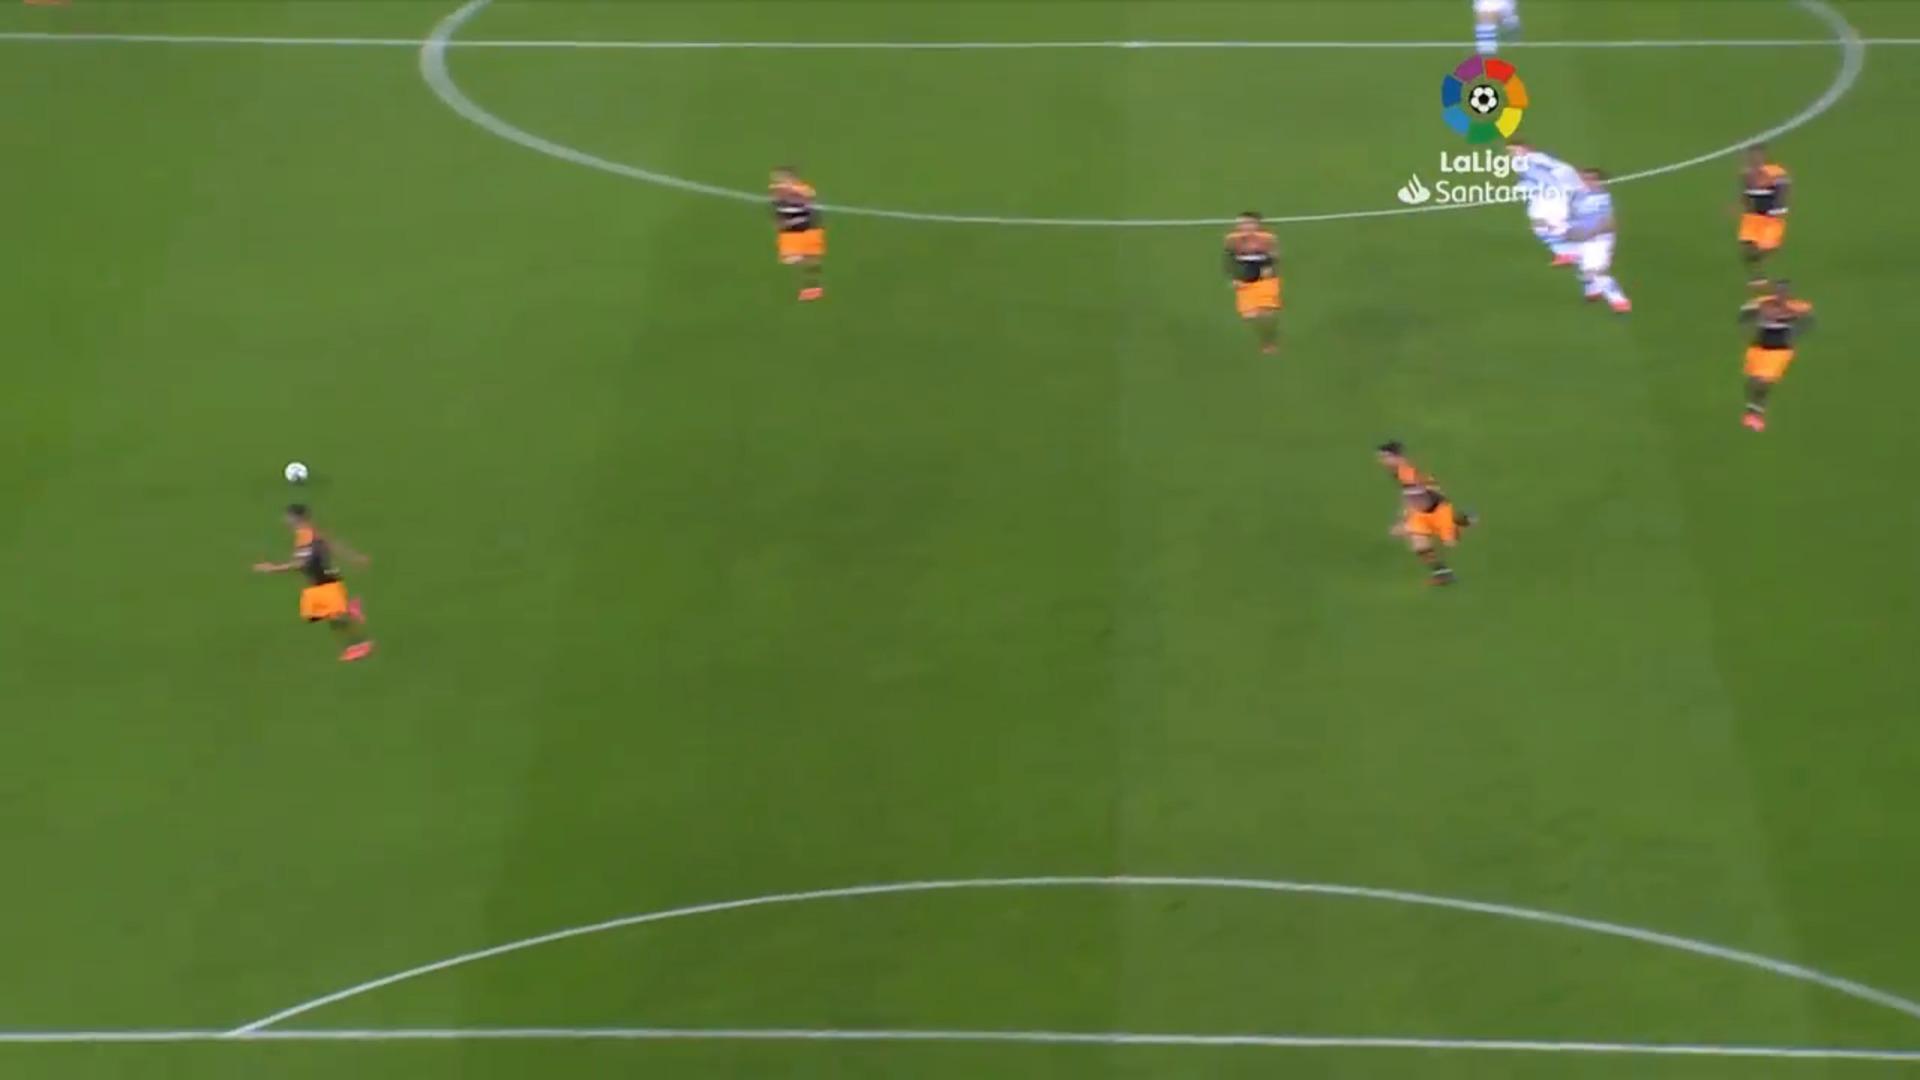 El gol de Ödegaard a Osasuna, el favorito de la afición